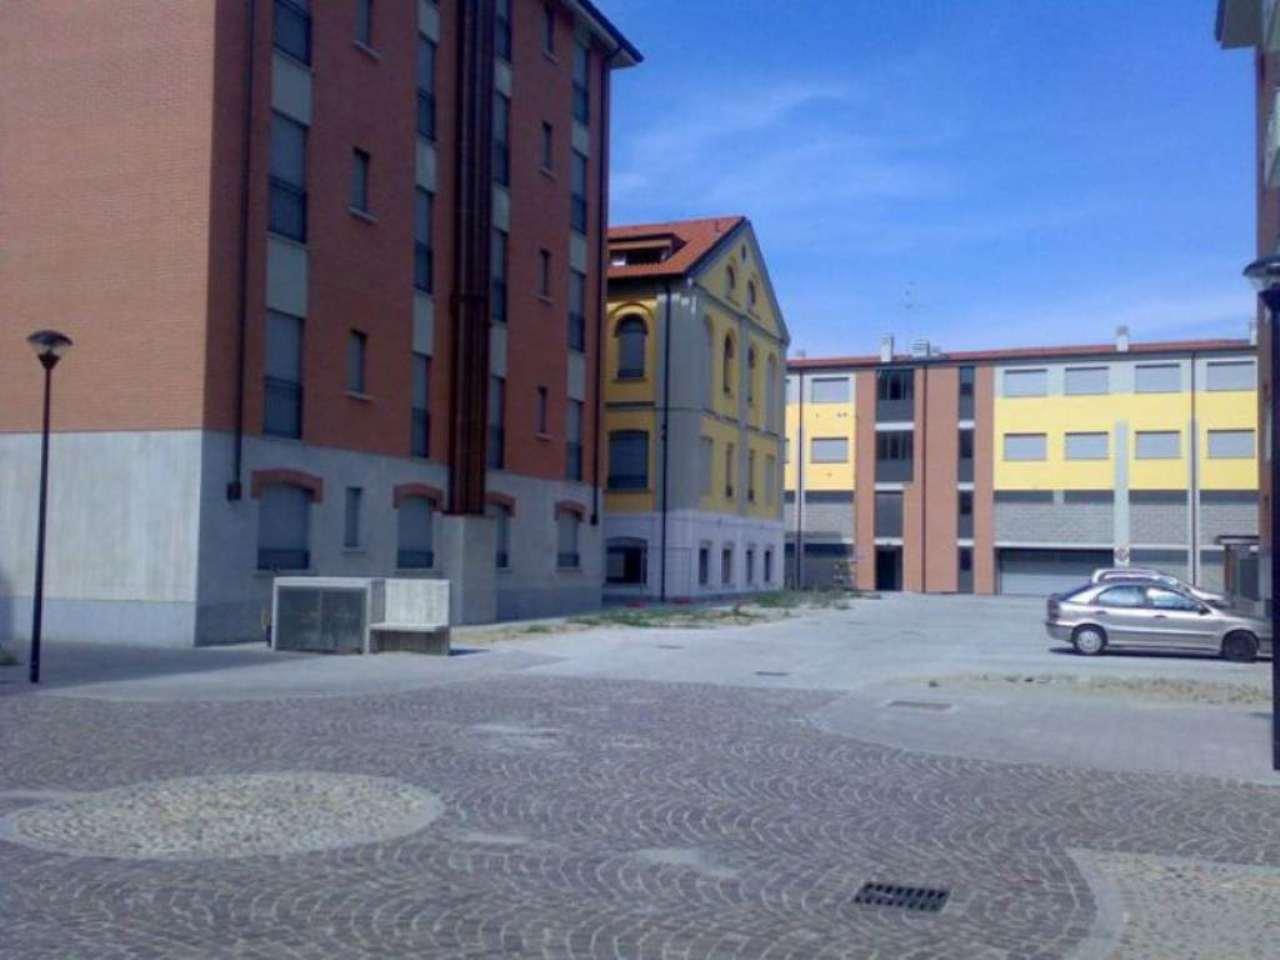 Attico / Mansarda in affitto a Melegnano, 1 locali, prezzo € 450 | Cambio Casa.it